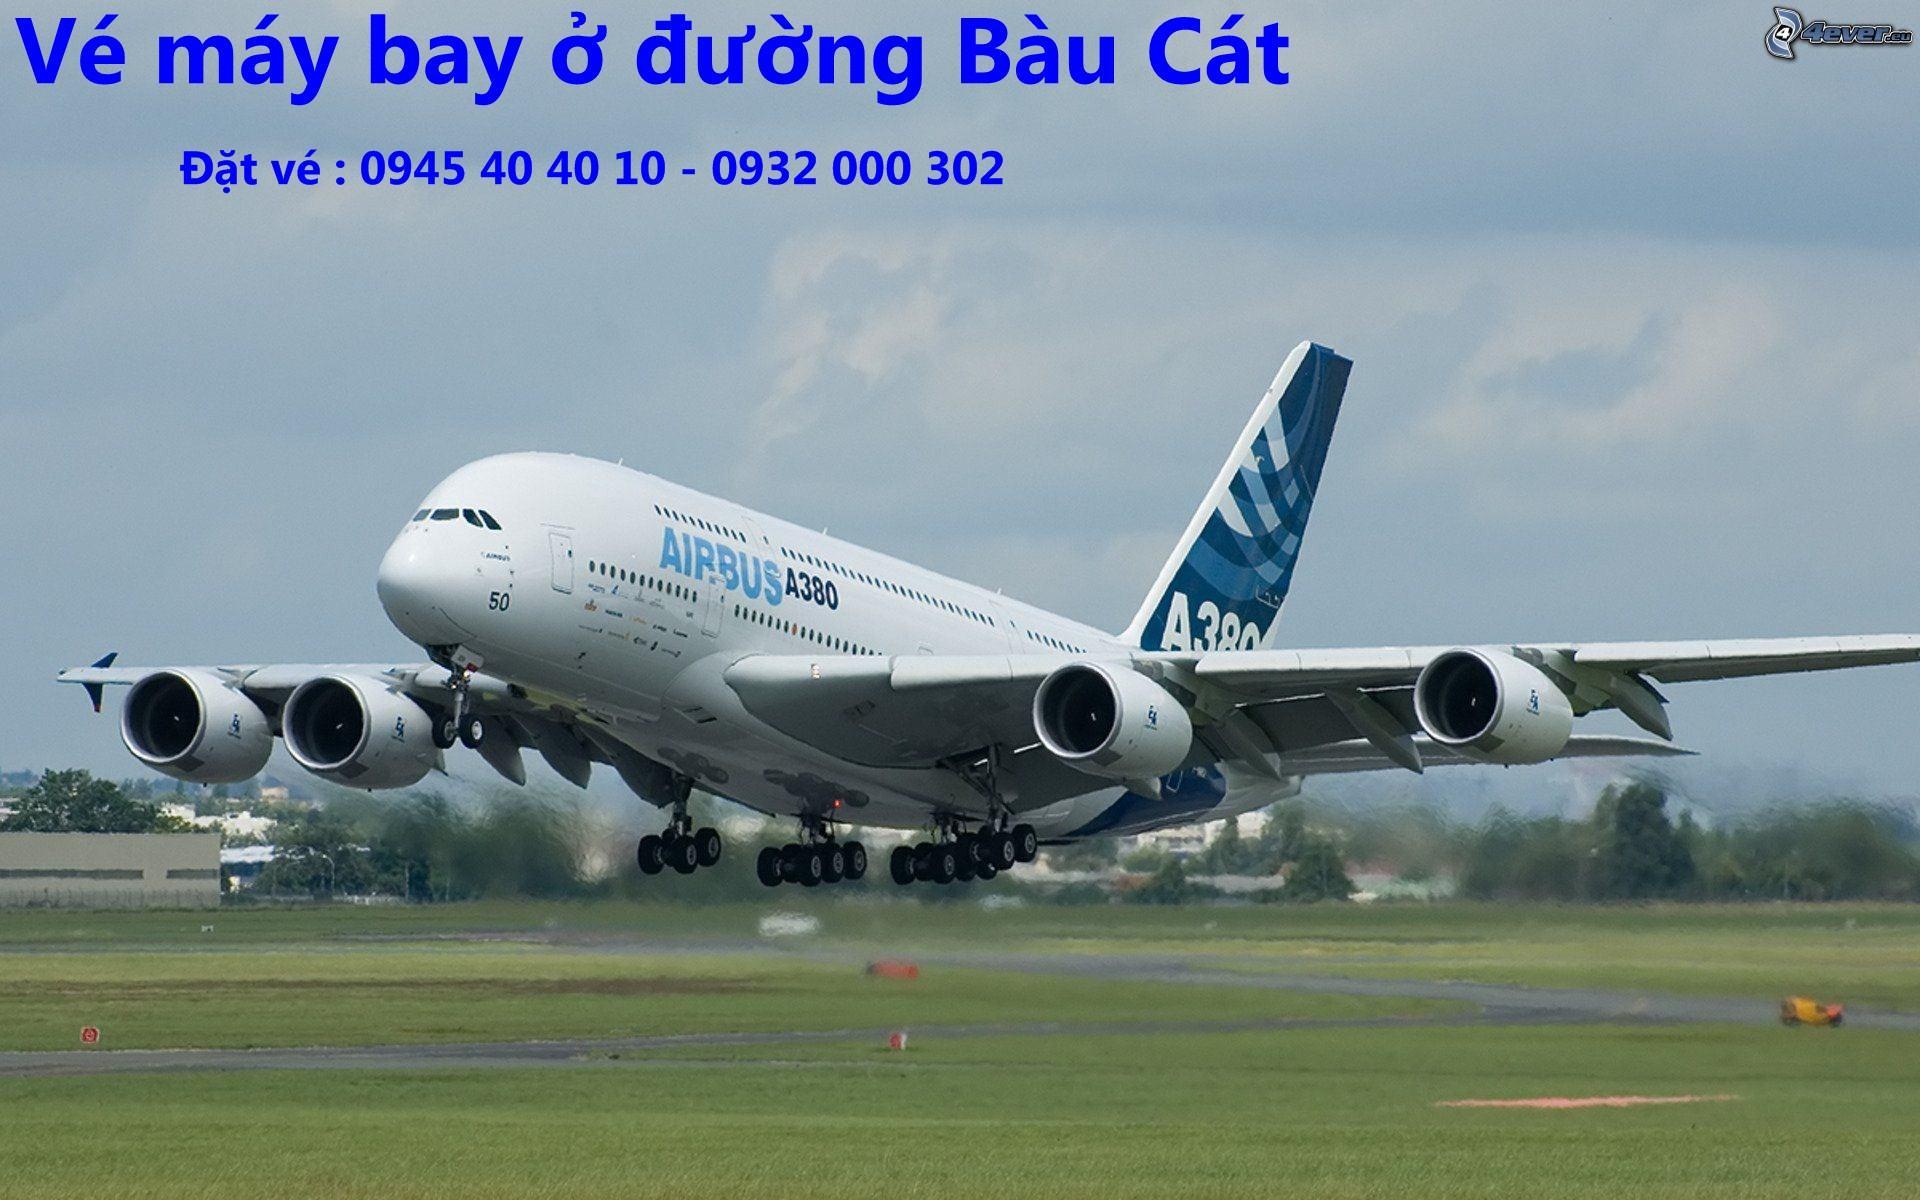 ve-may-bay-o-duong-bau-cat